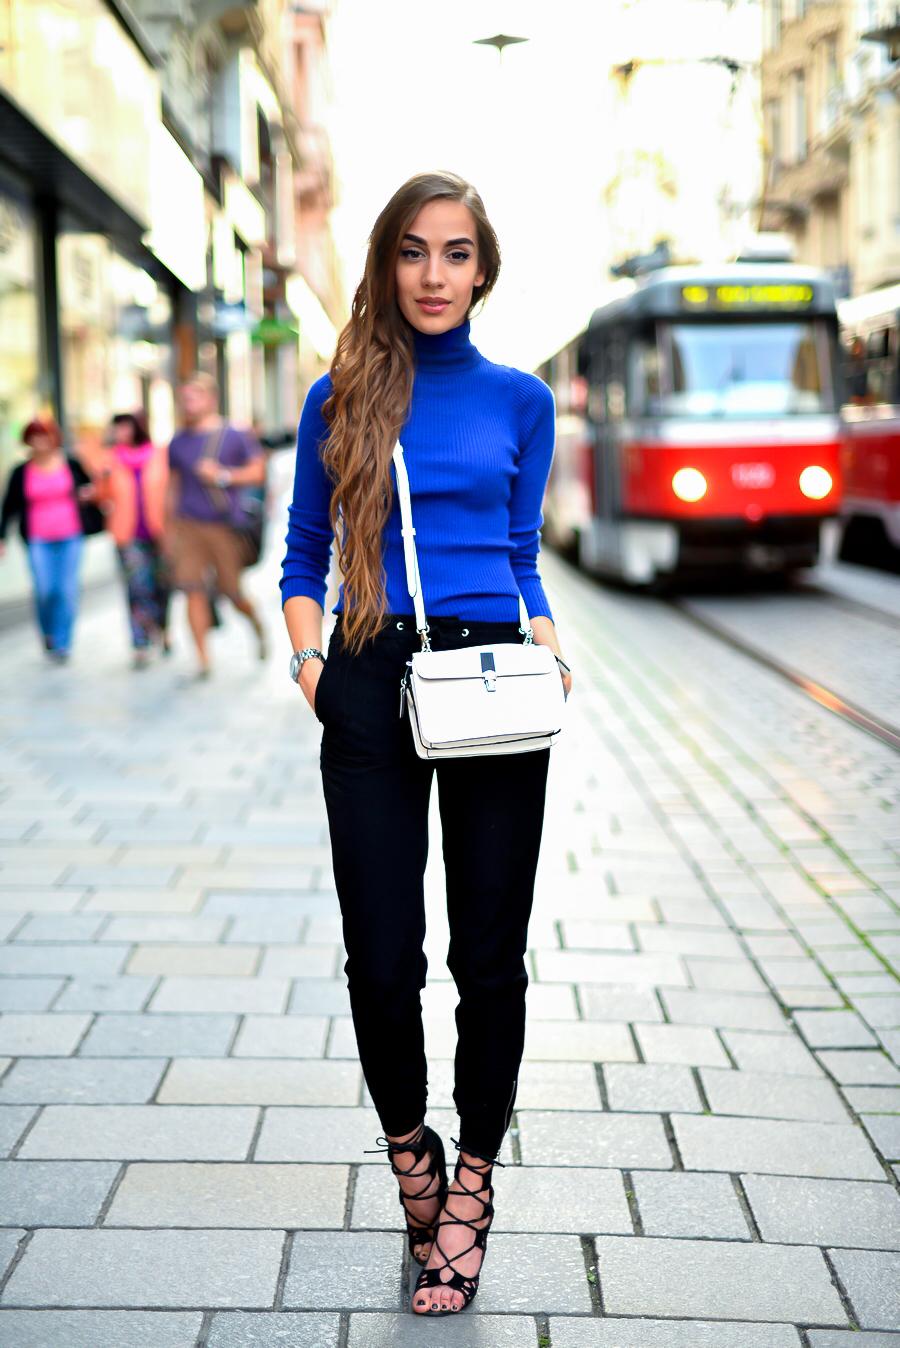 Pantalon bleu marine femme avec quoi - Quelle couleur avec pantalon bleu marine ...